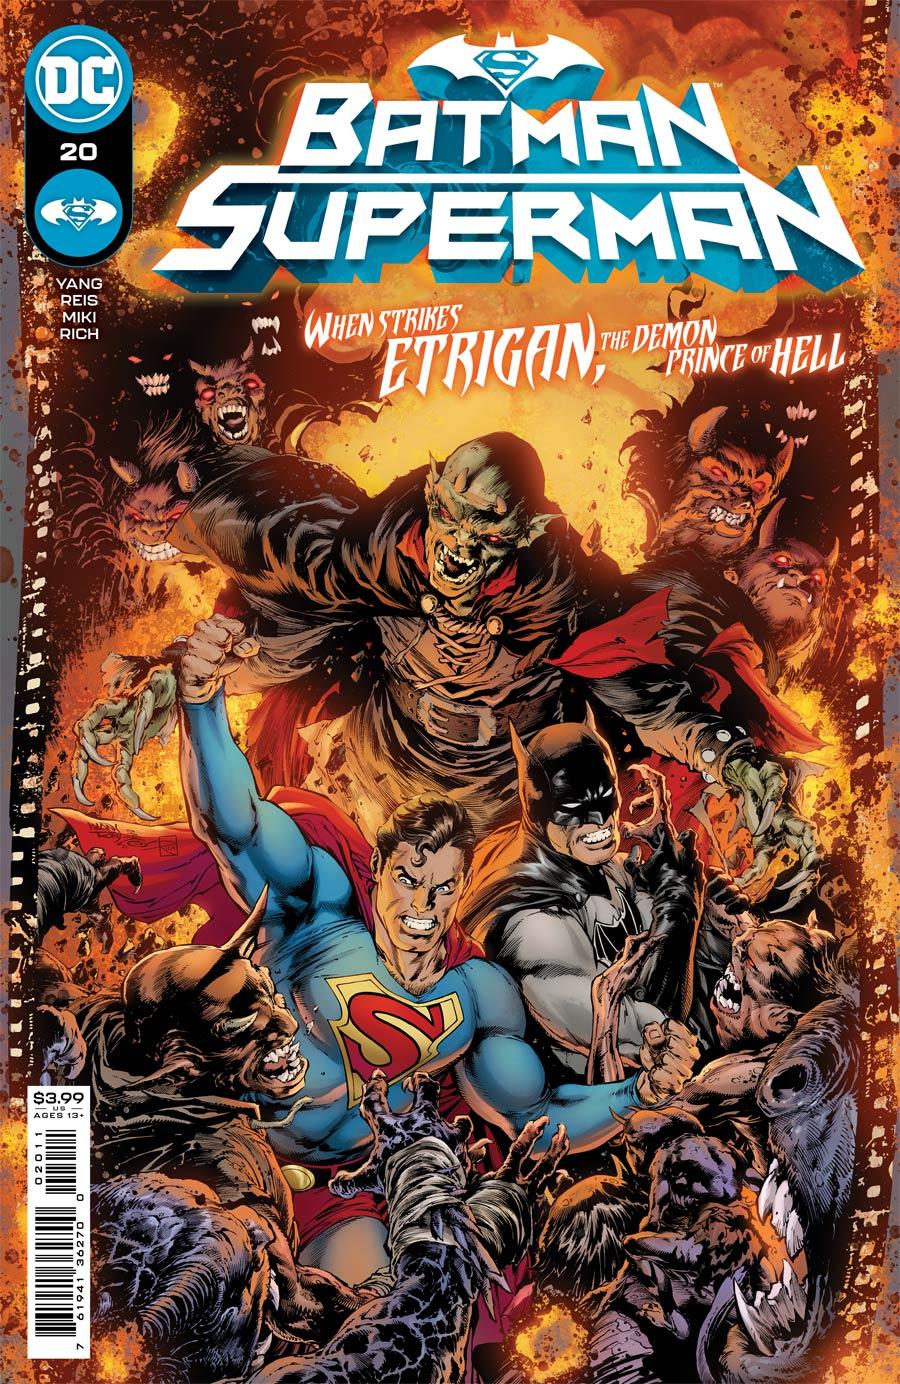 Batman Superman Vol 2 #20 Cover A Regular Ivan Reis & Danny Miki Cover